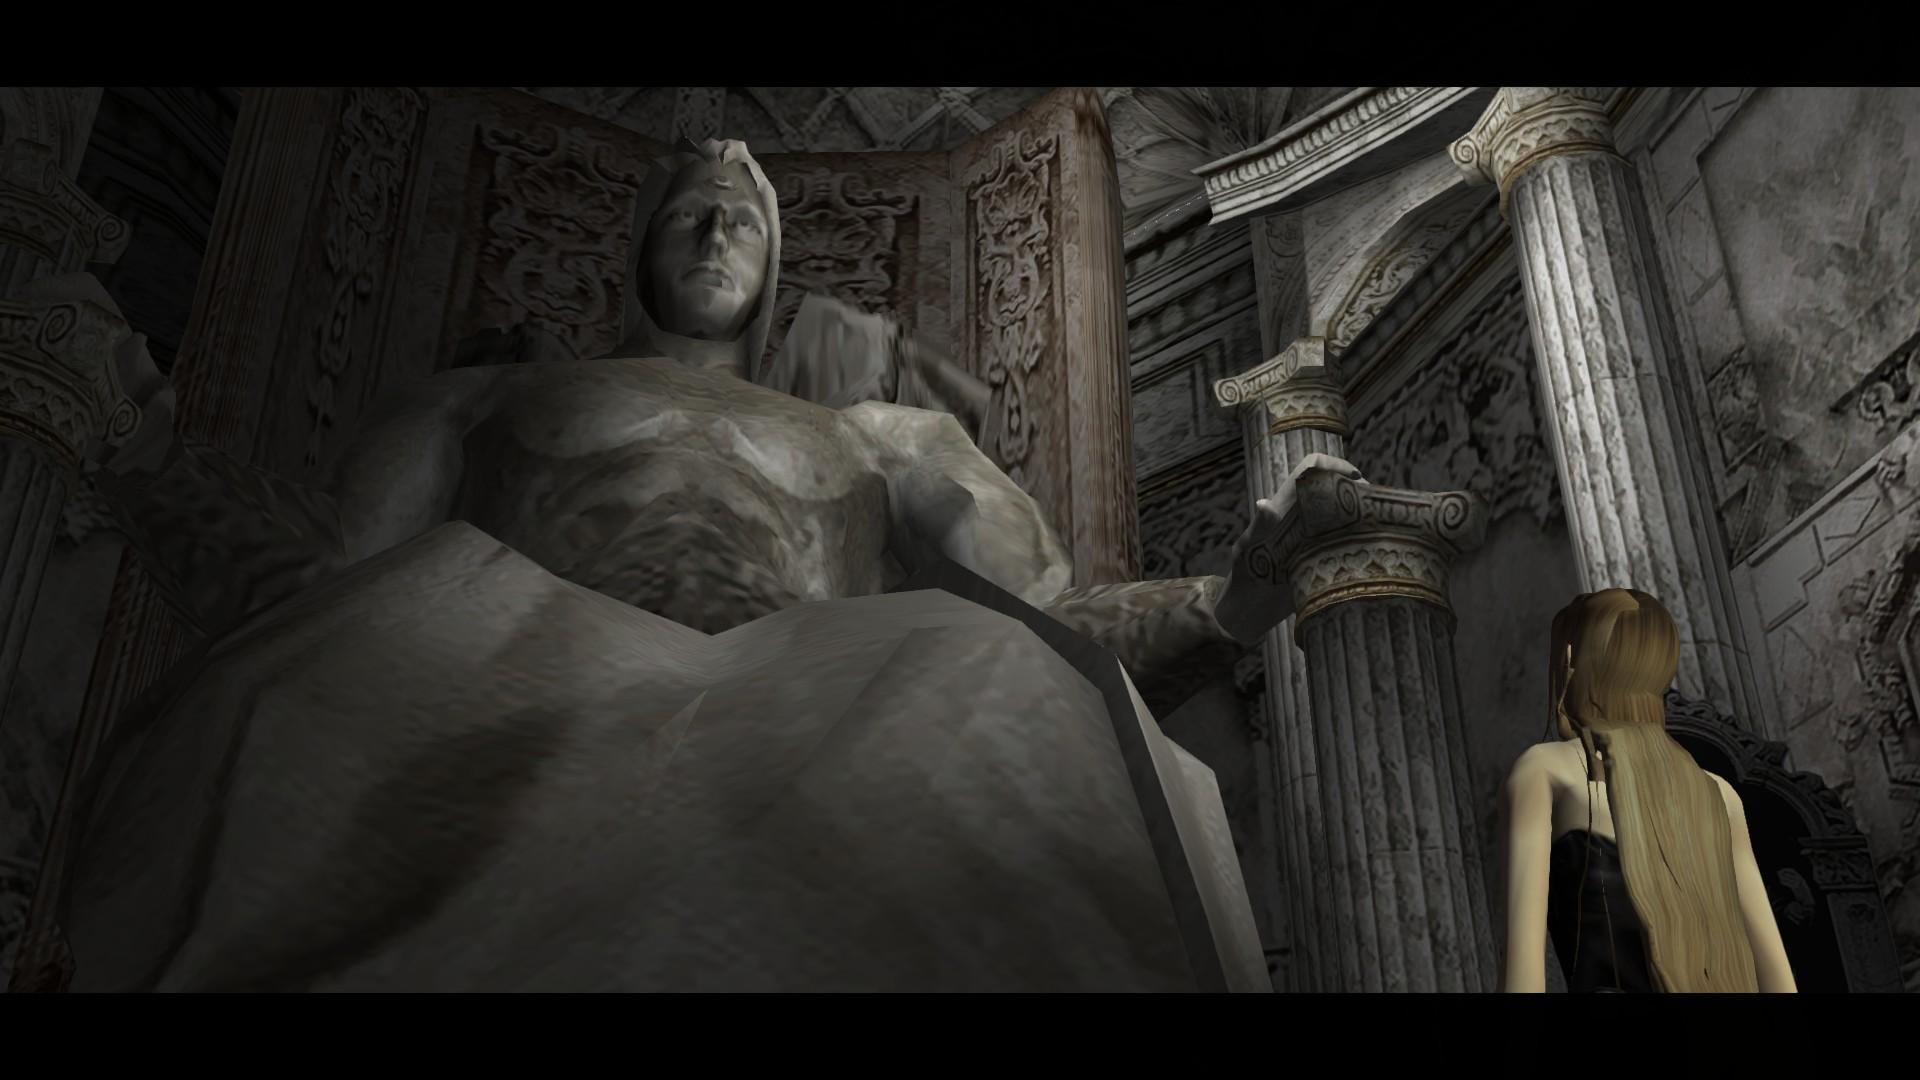 Пост-прохождение Devil May Cry Часть 6. - Изображение 55